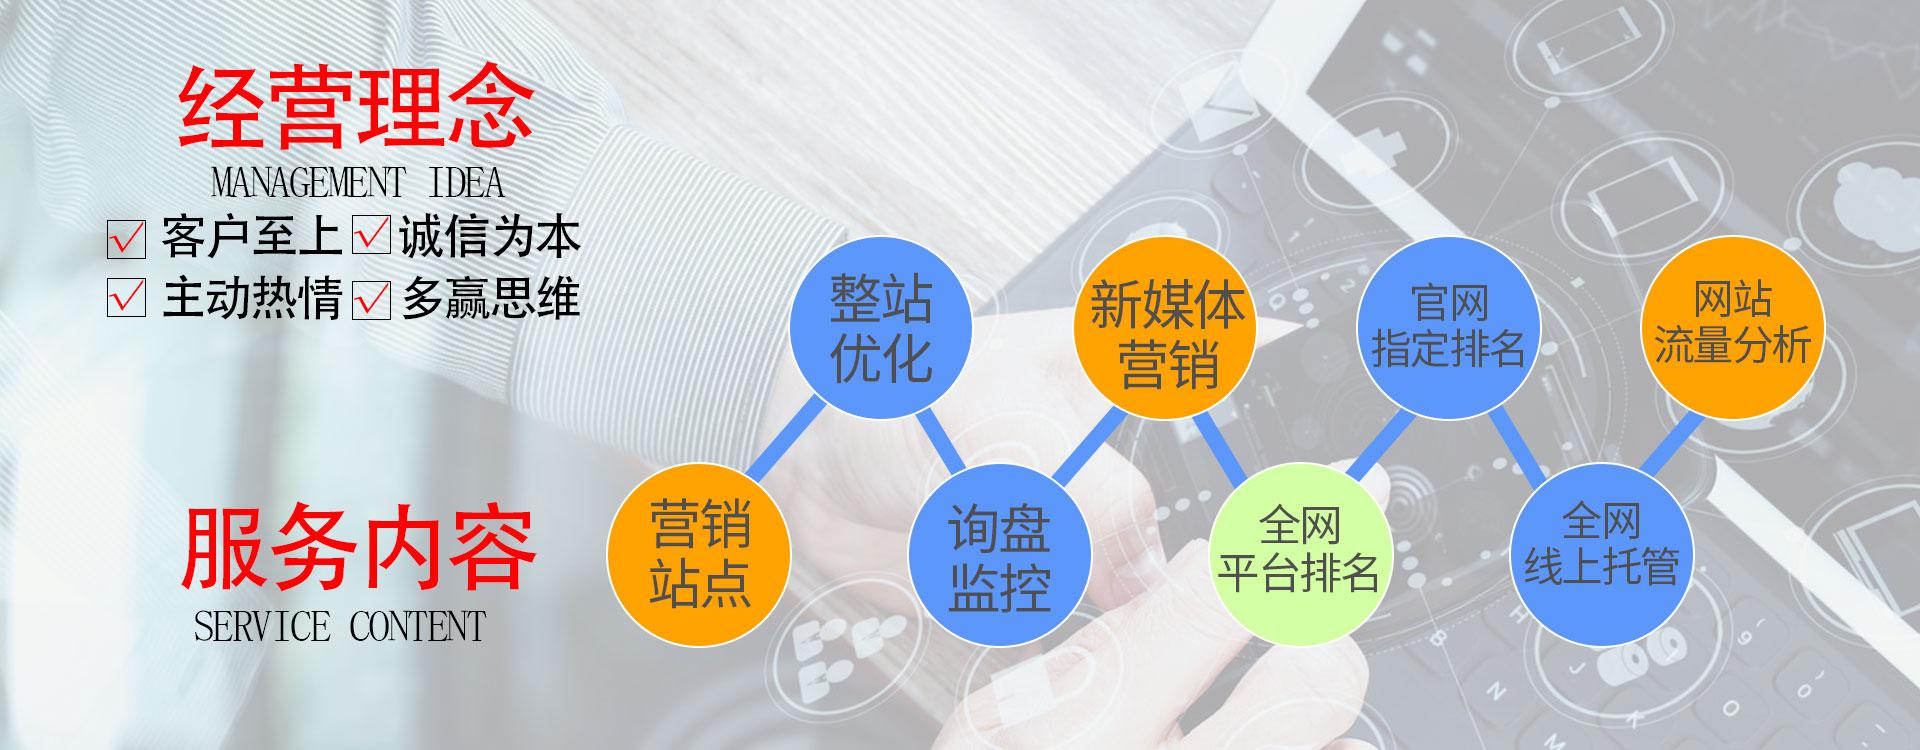 祥云新疆代理商请选新疆网络公司-新疆爱享优网络有限公司